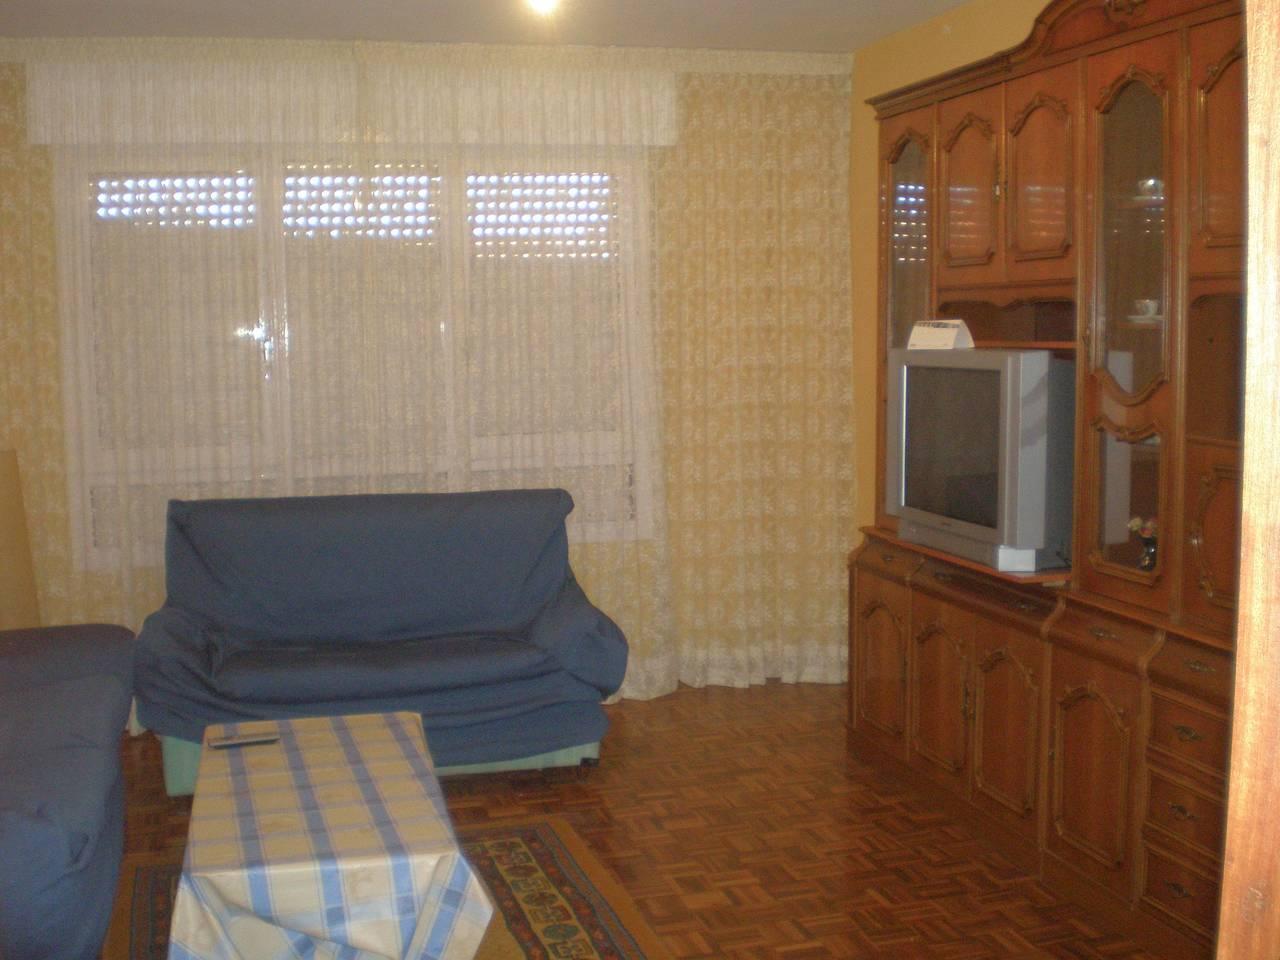 en soria se alquilan habitaciones en piso compartido  - Foto 1